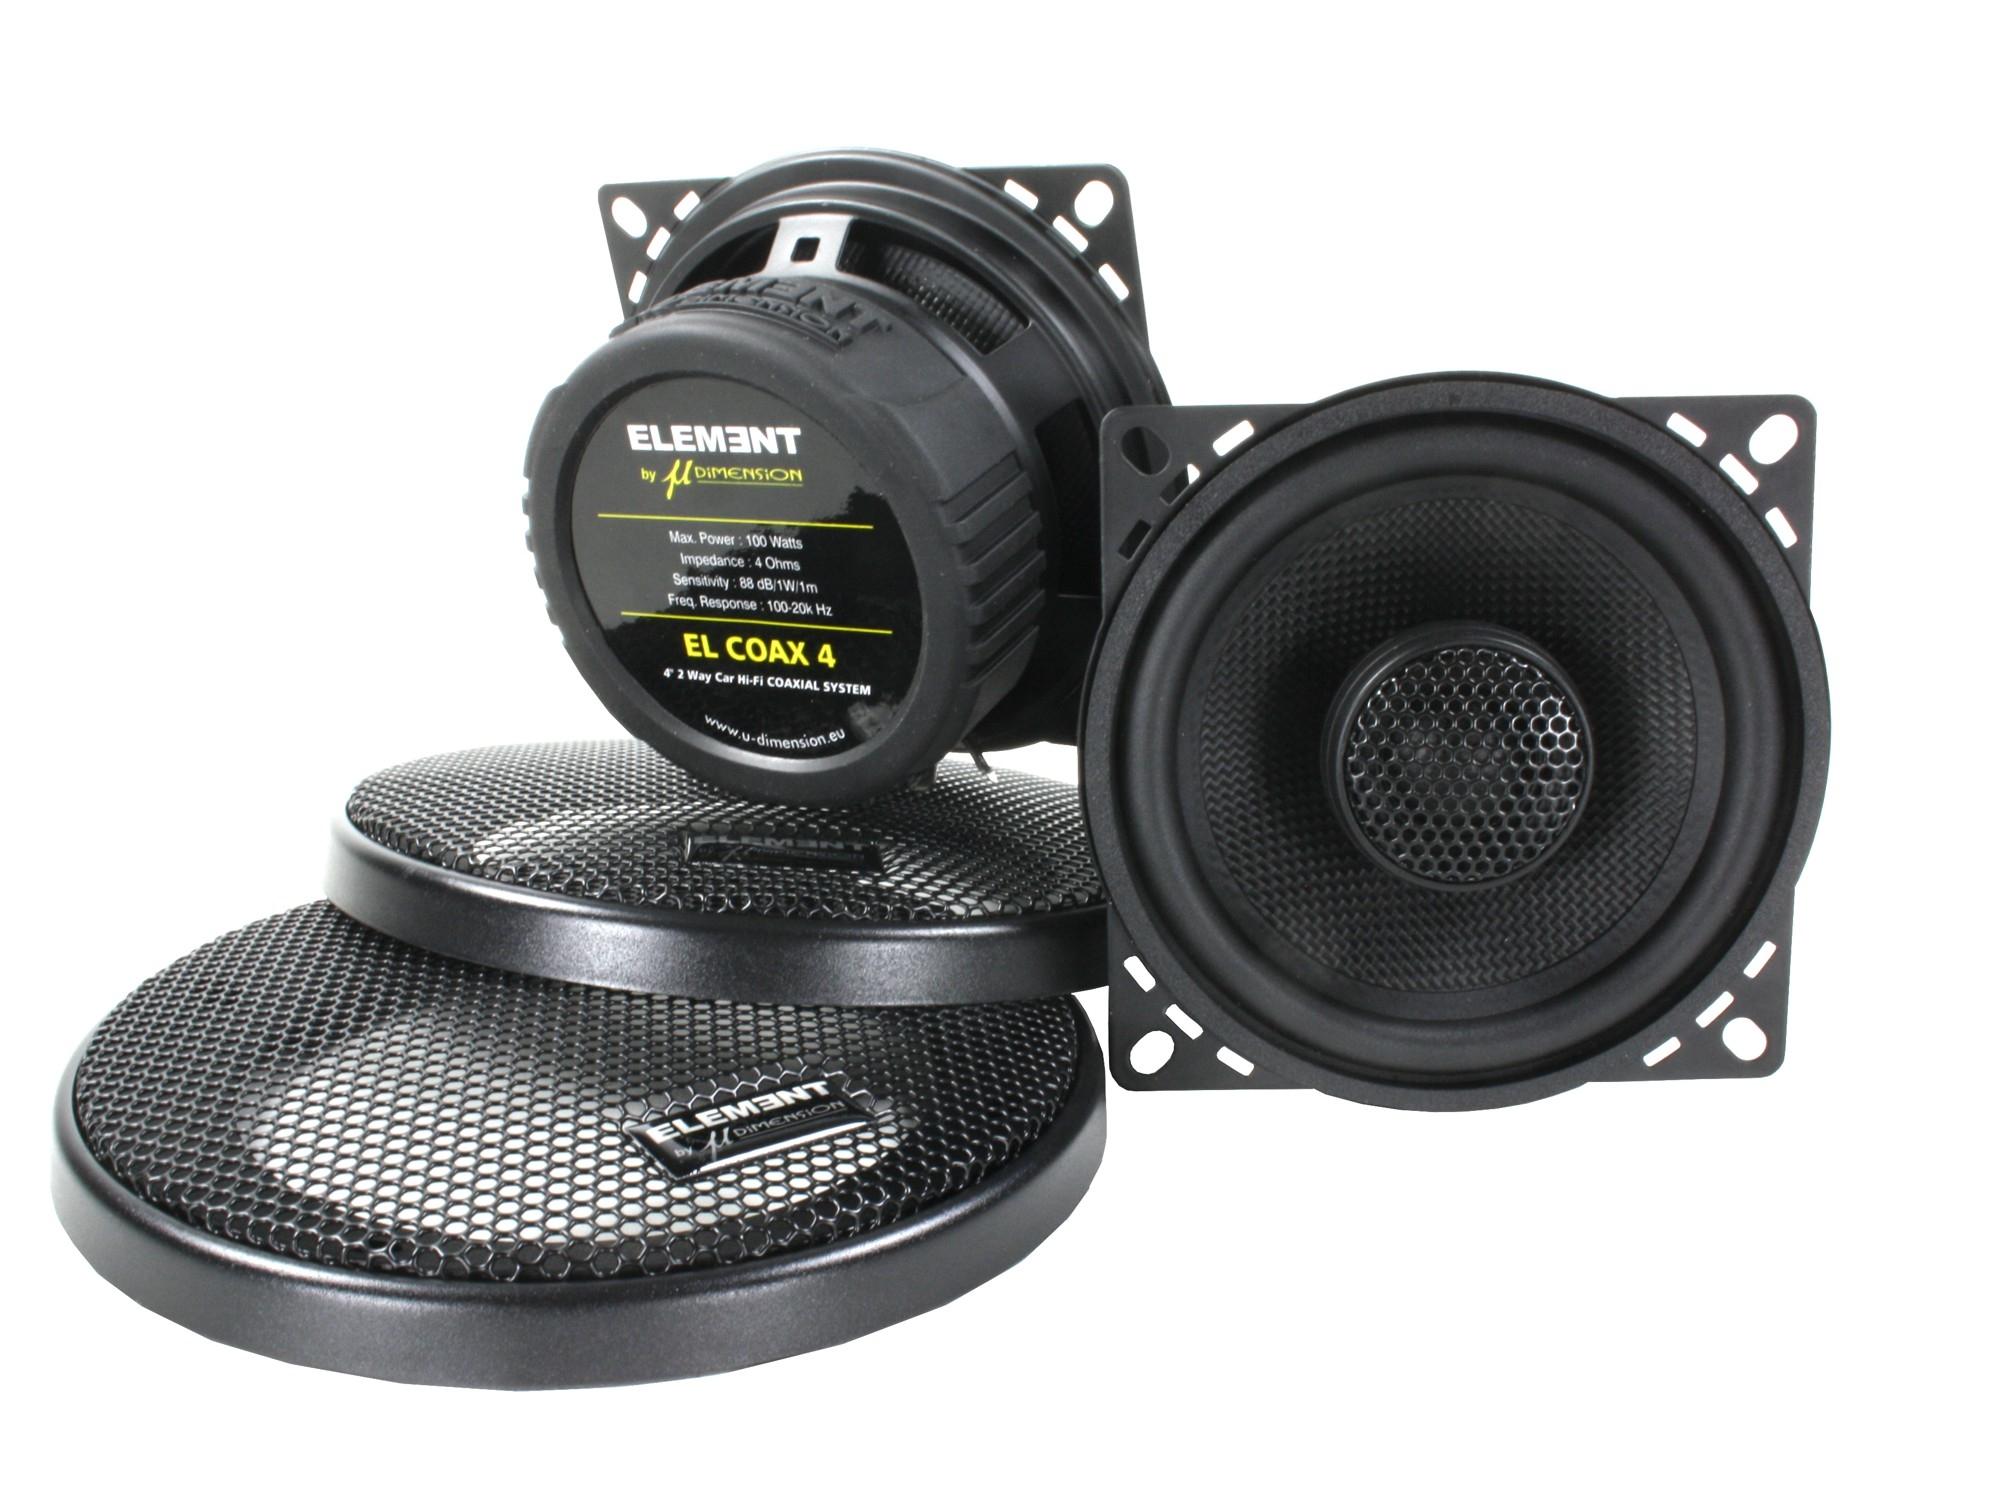 EL Coax 4 / 40 watt rms